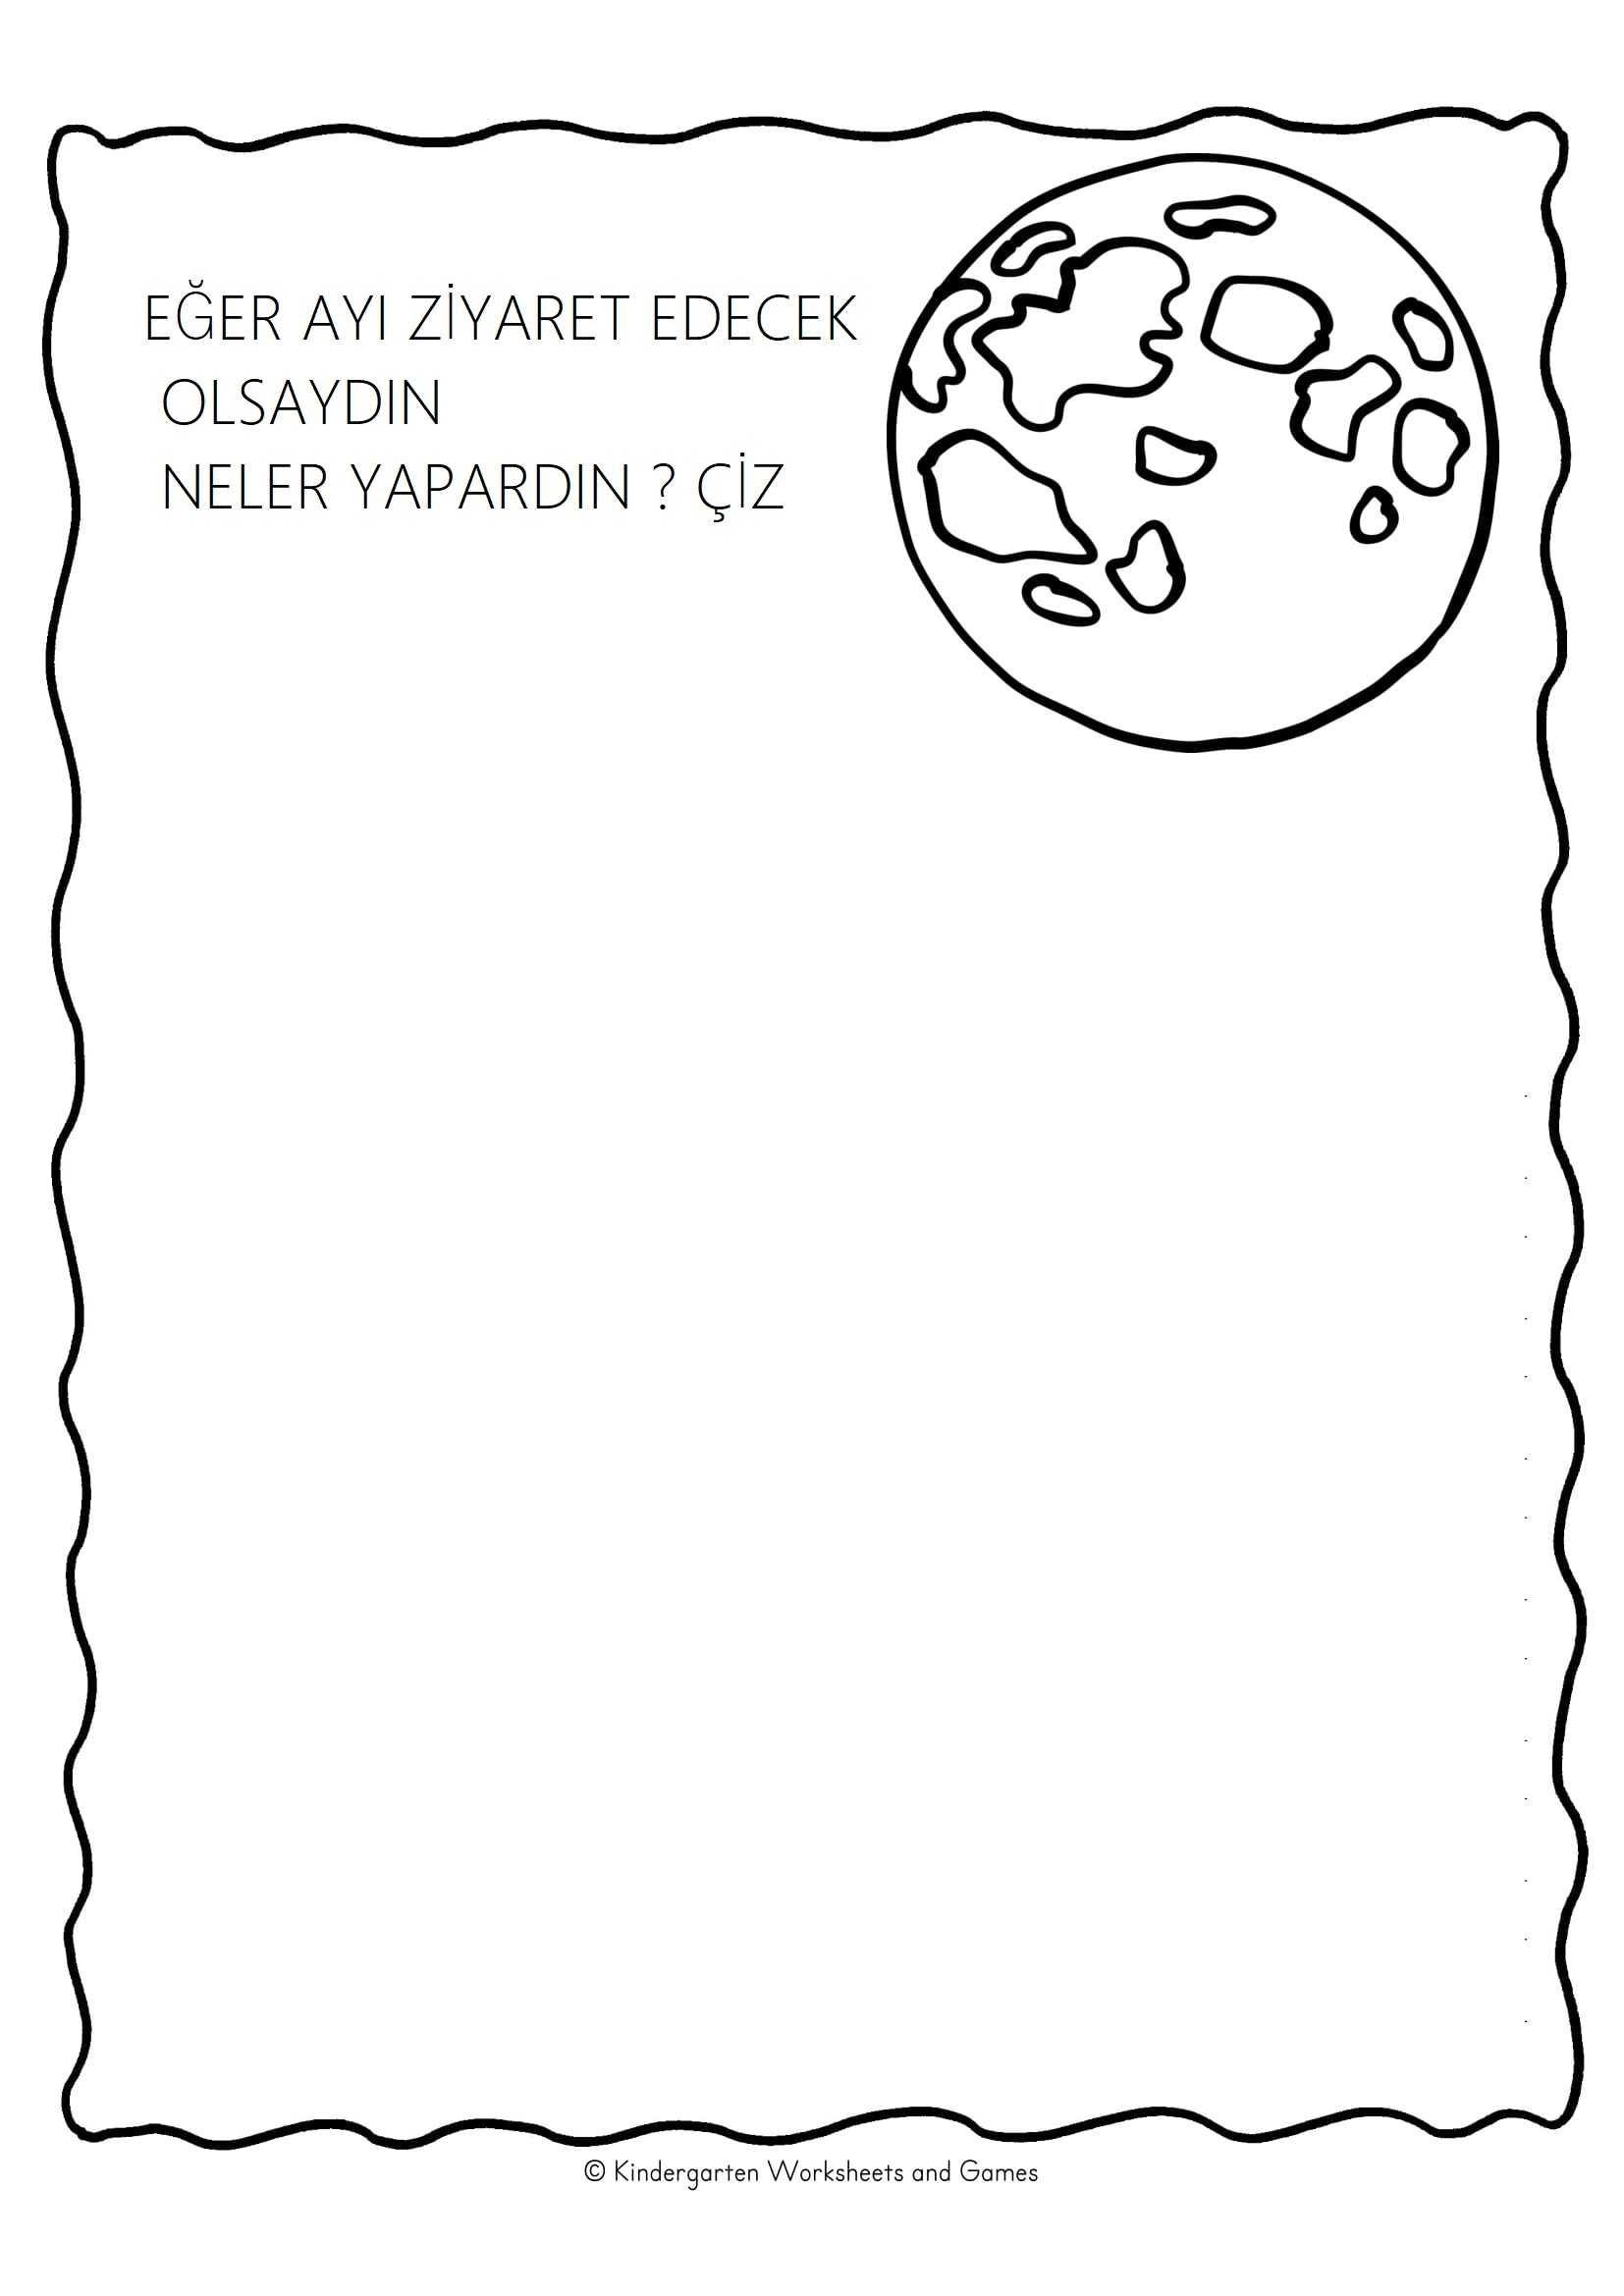 Okul Oncesi Ayin Evreleri Calisma Sayfasi 10 Okul öncesi